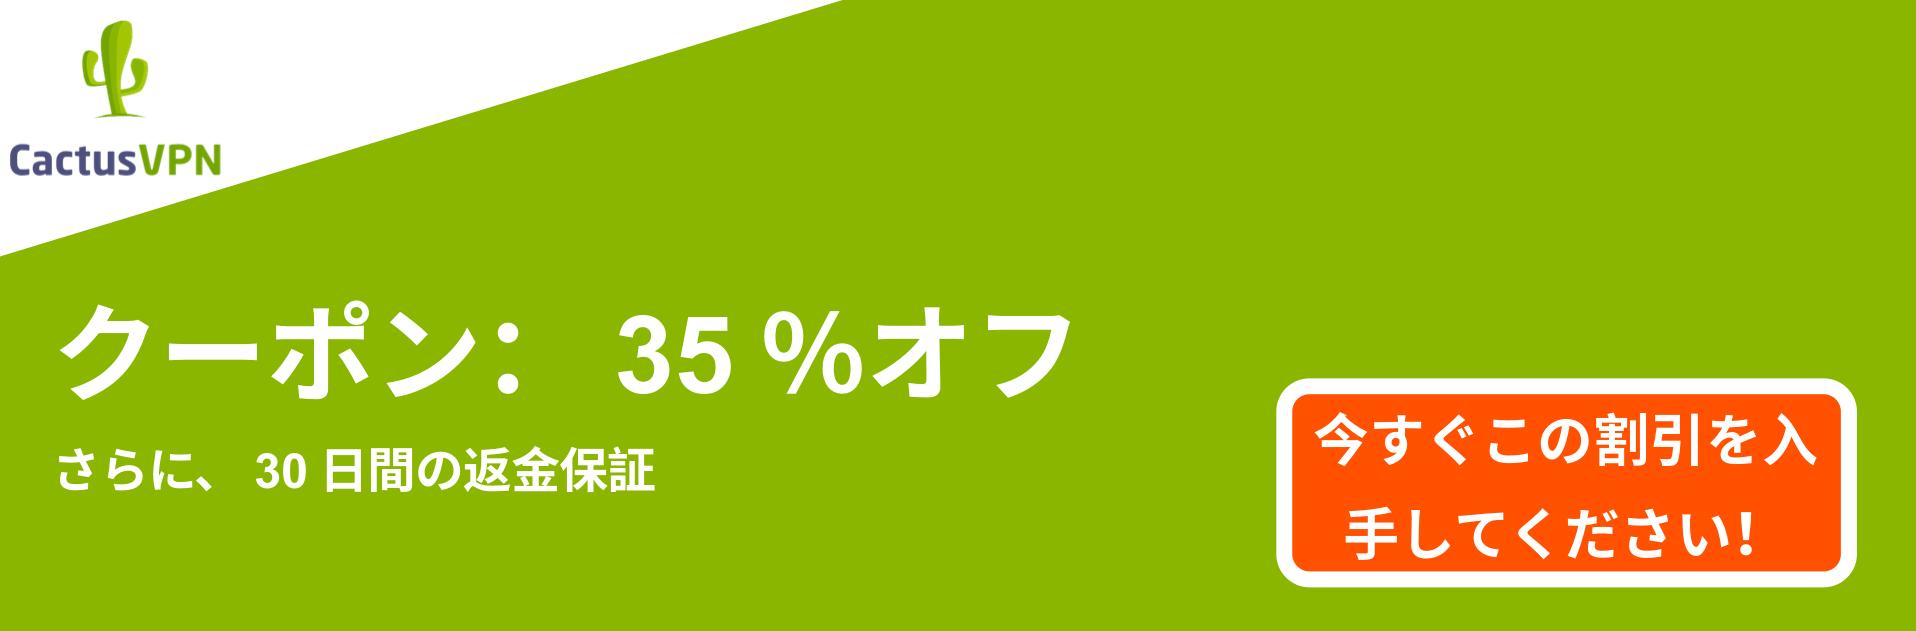 CactusVPNクーポンバナー-38%オフ